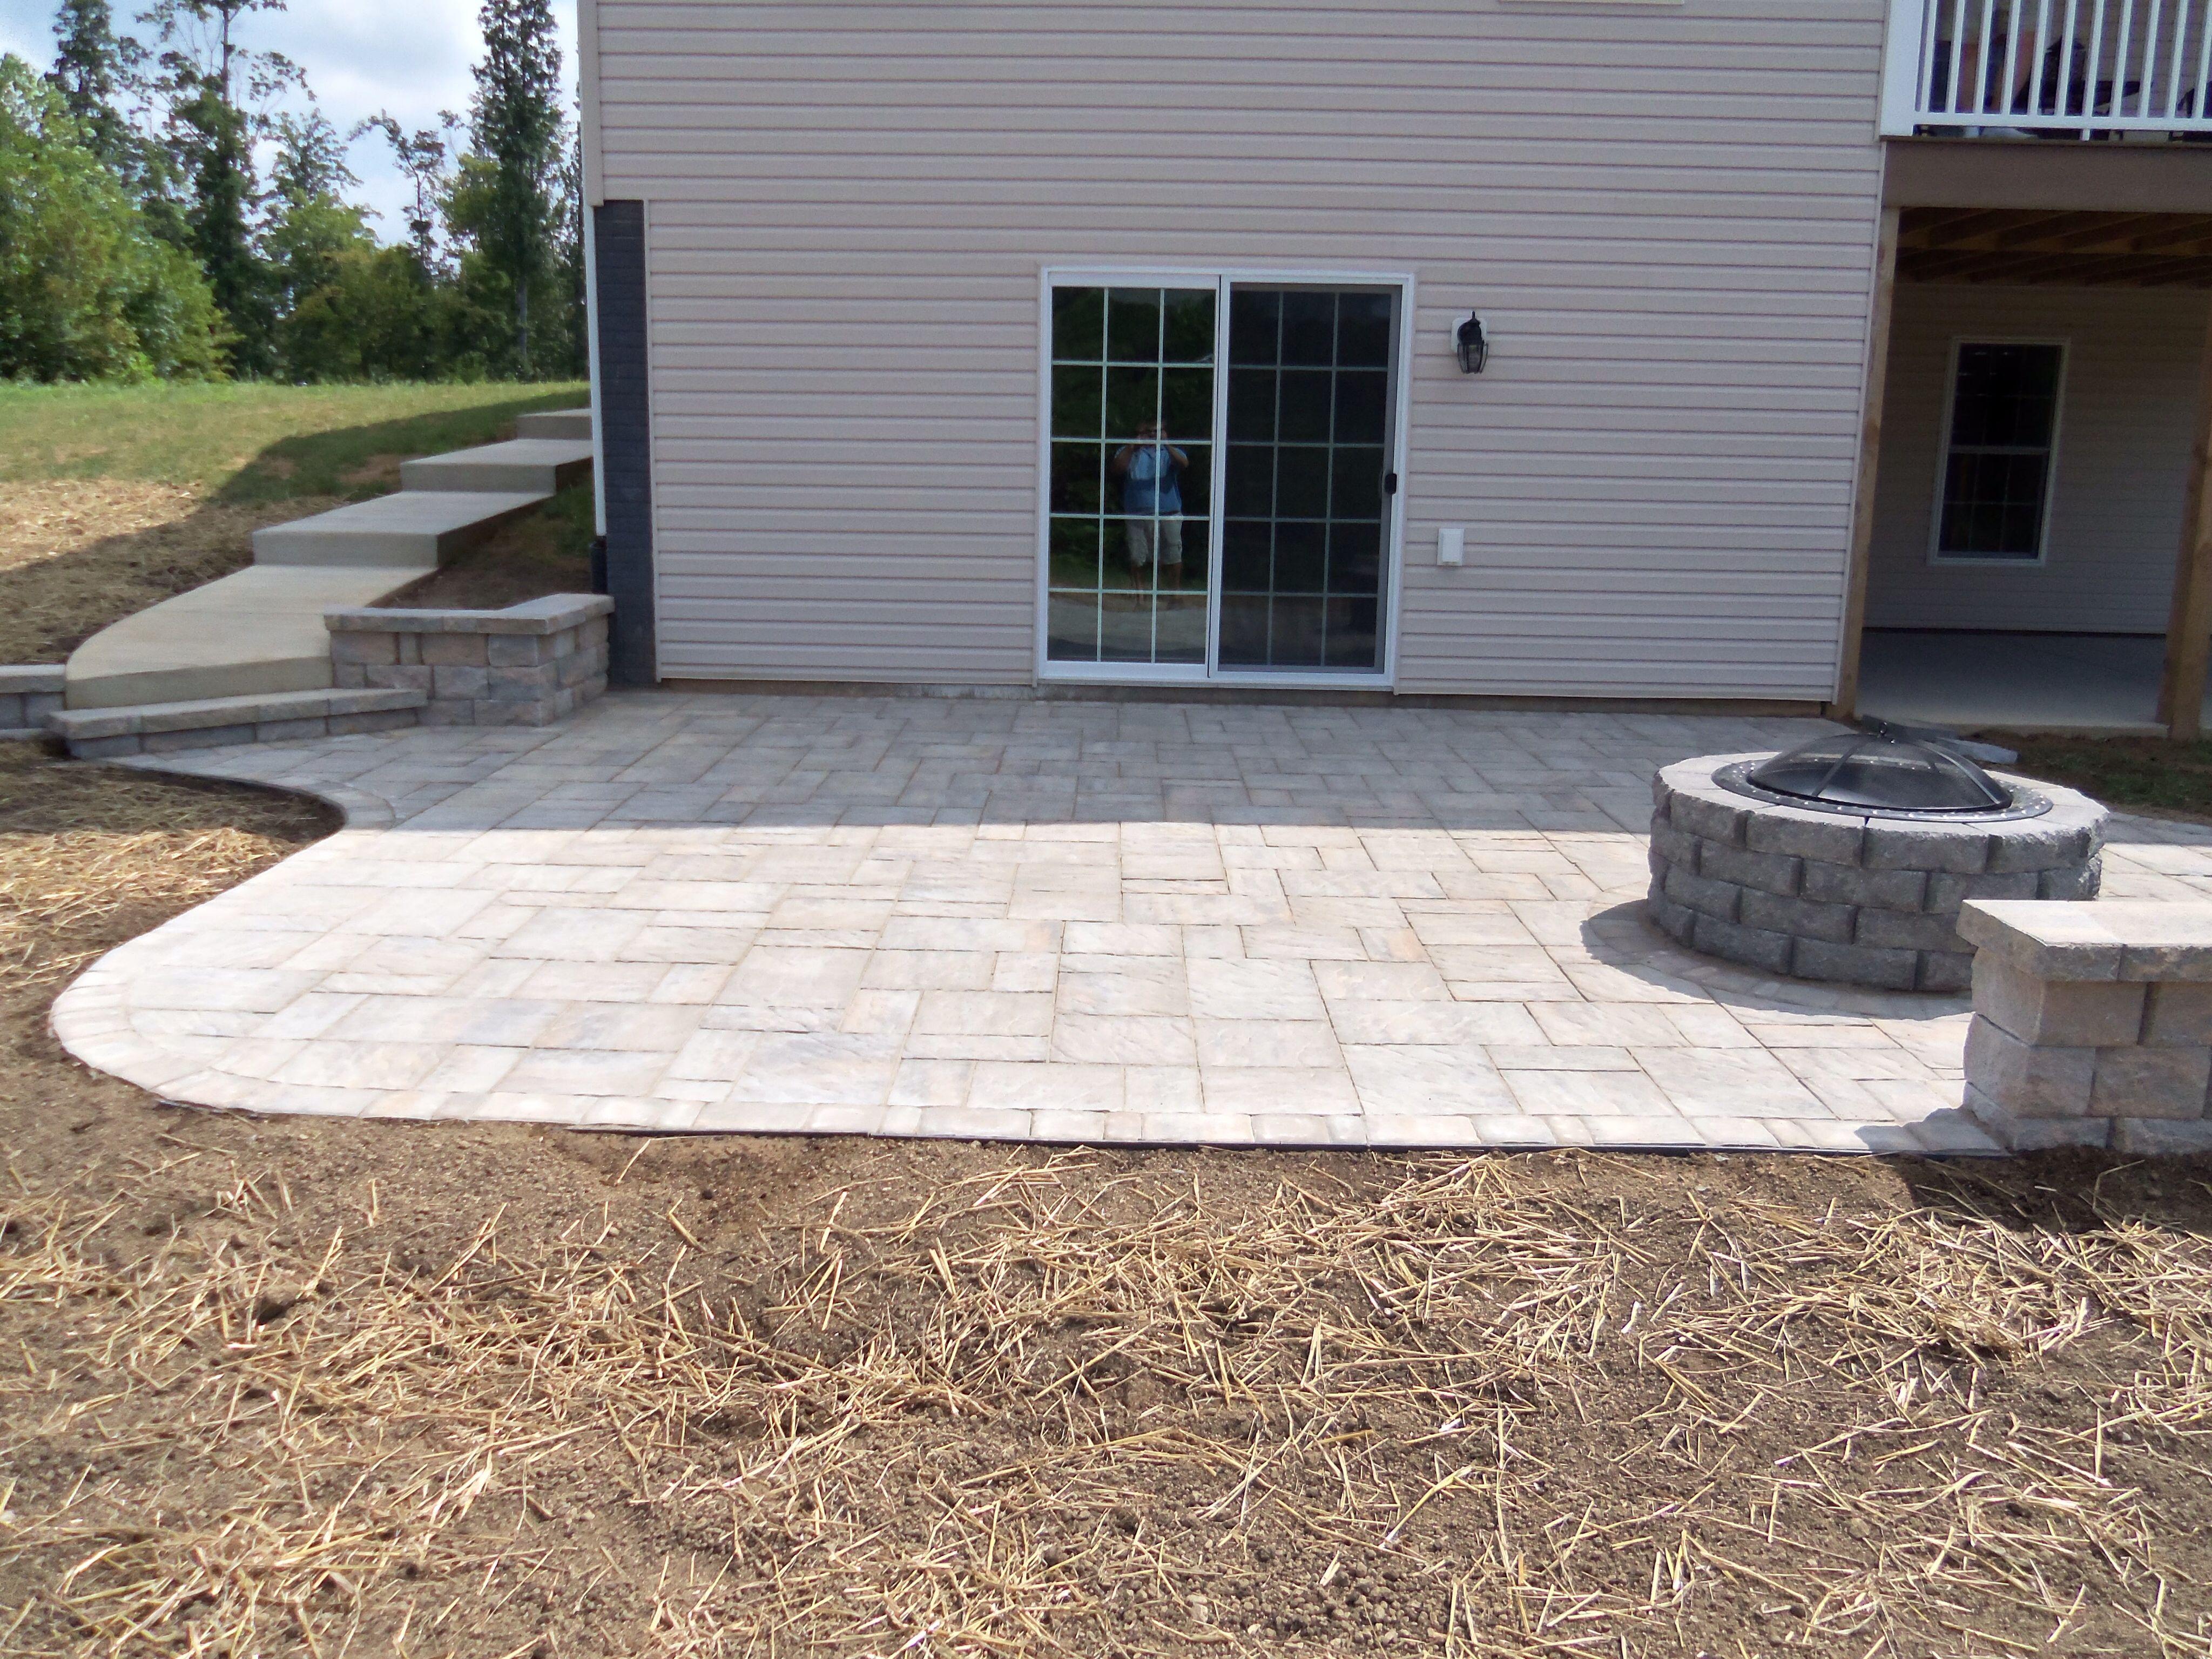 Patio Idea Concrete Patio Designs Paver Patio Outdoor Patio Set